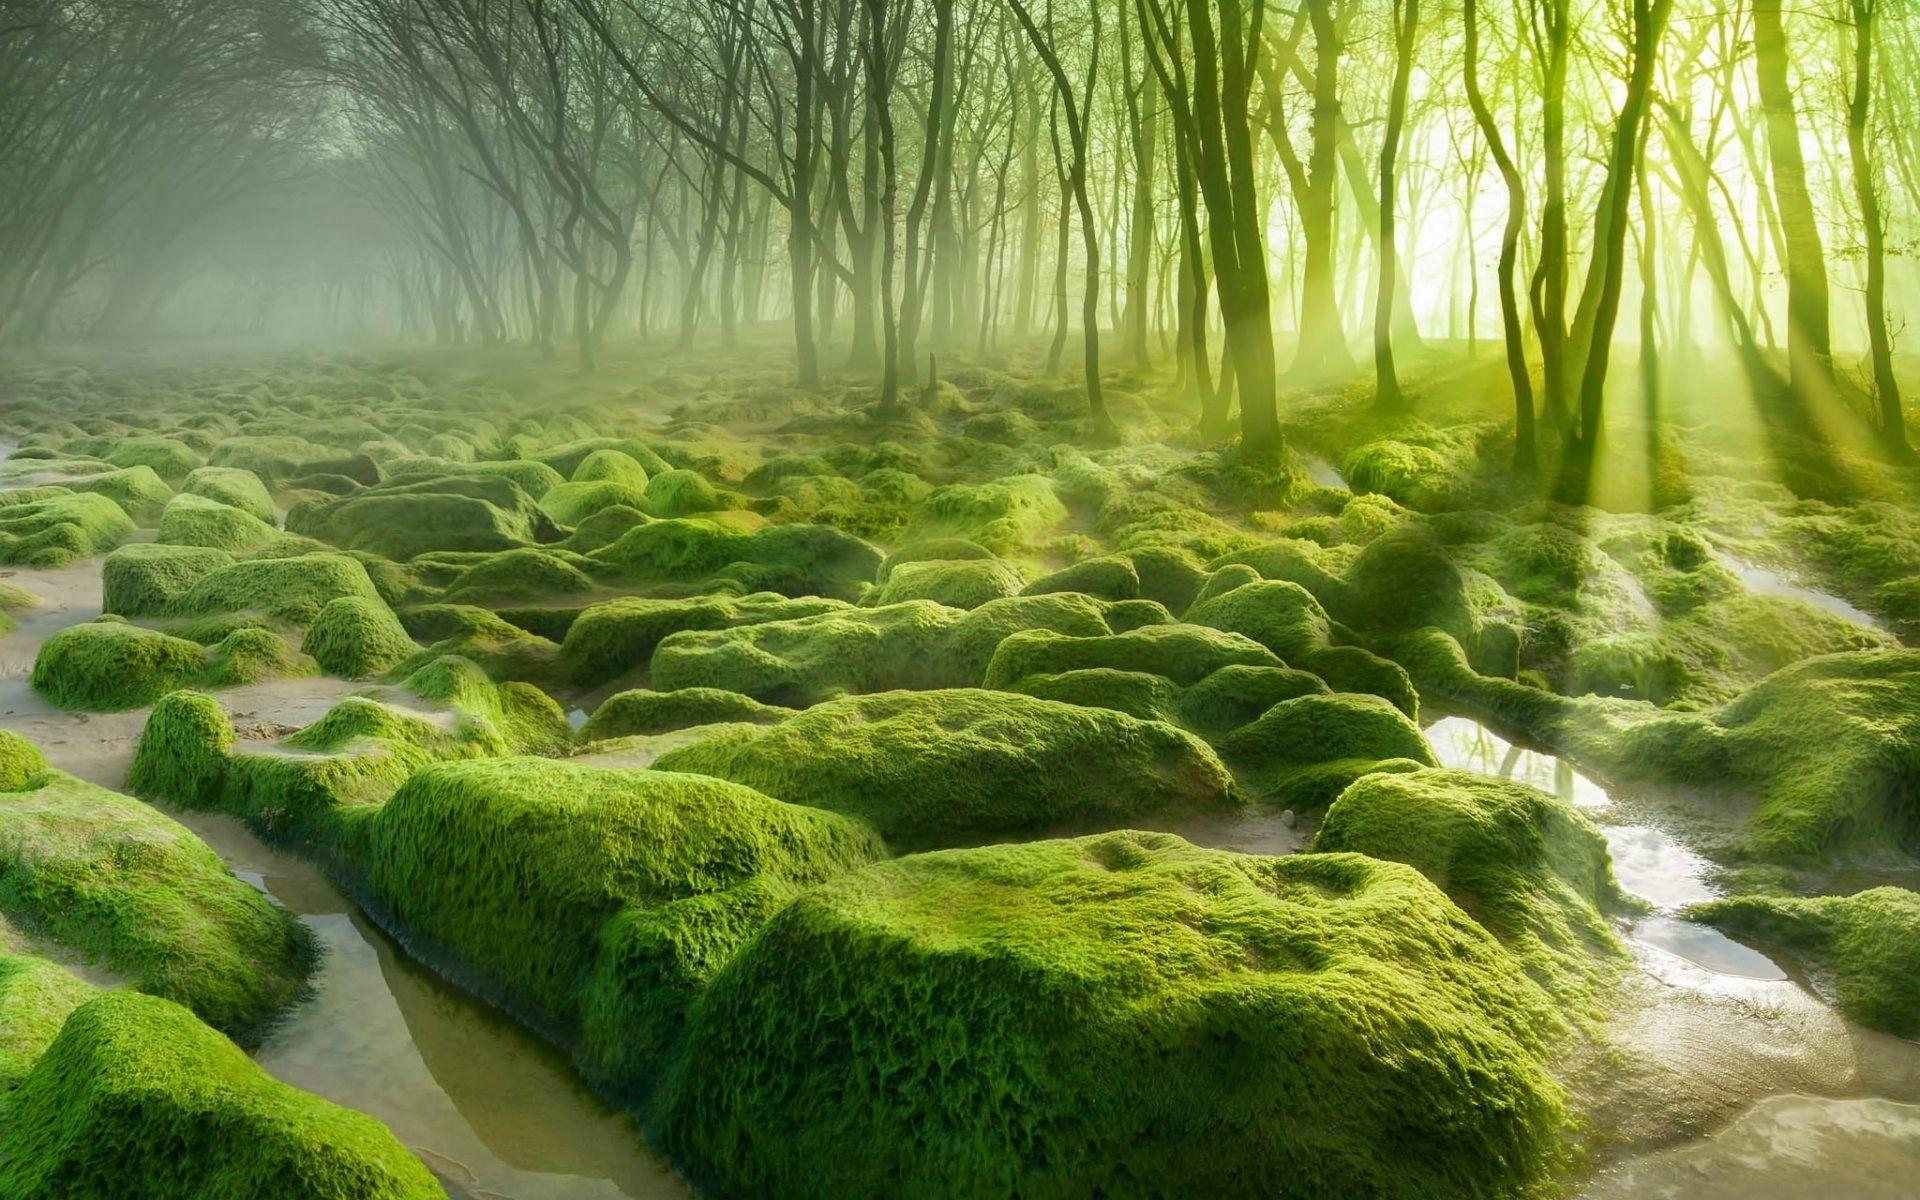 1920x1200 High Resolution Wallpaper moss | Forest ...